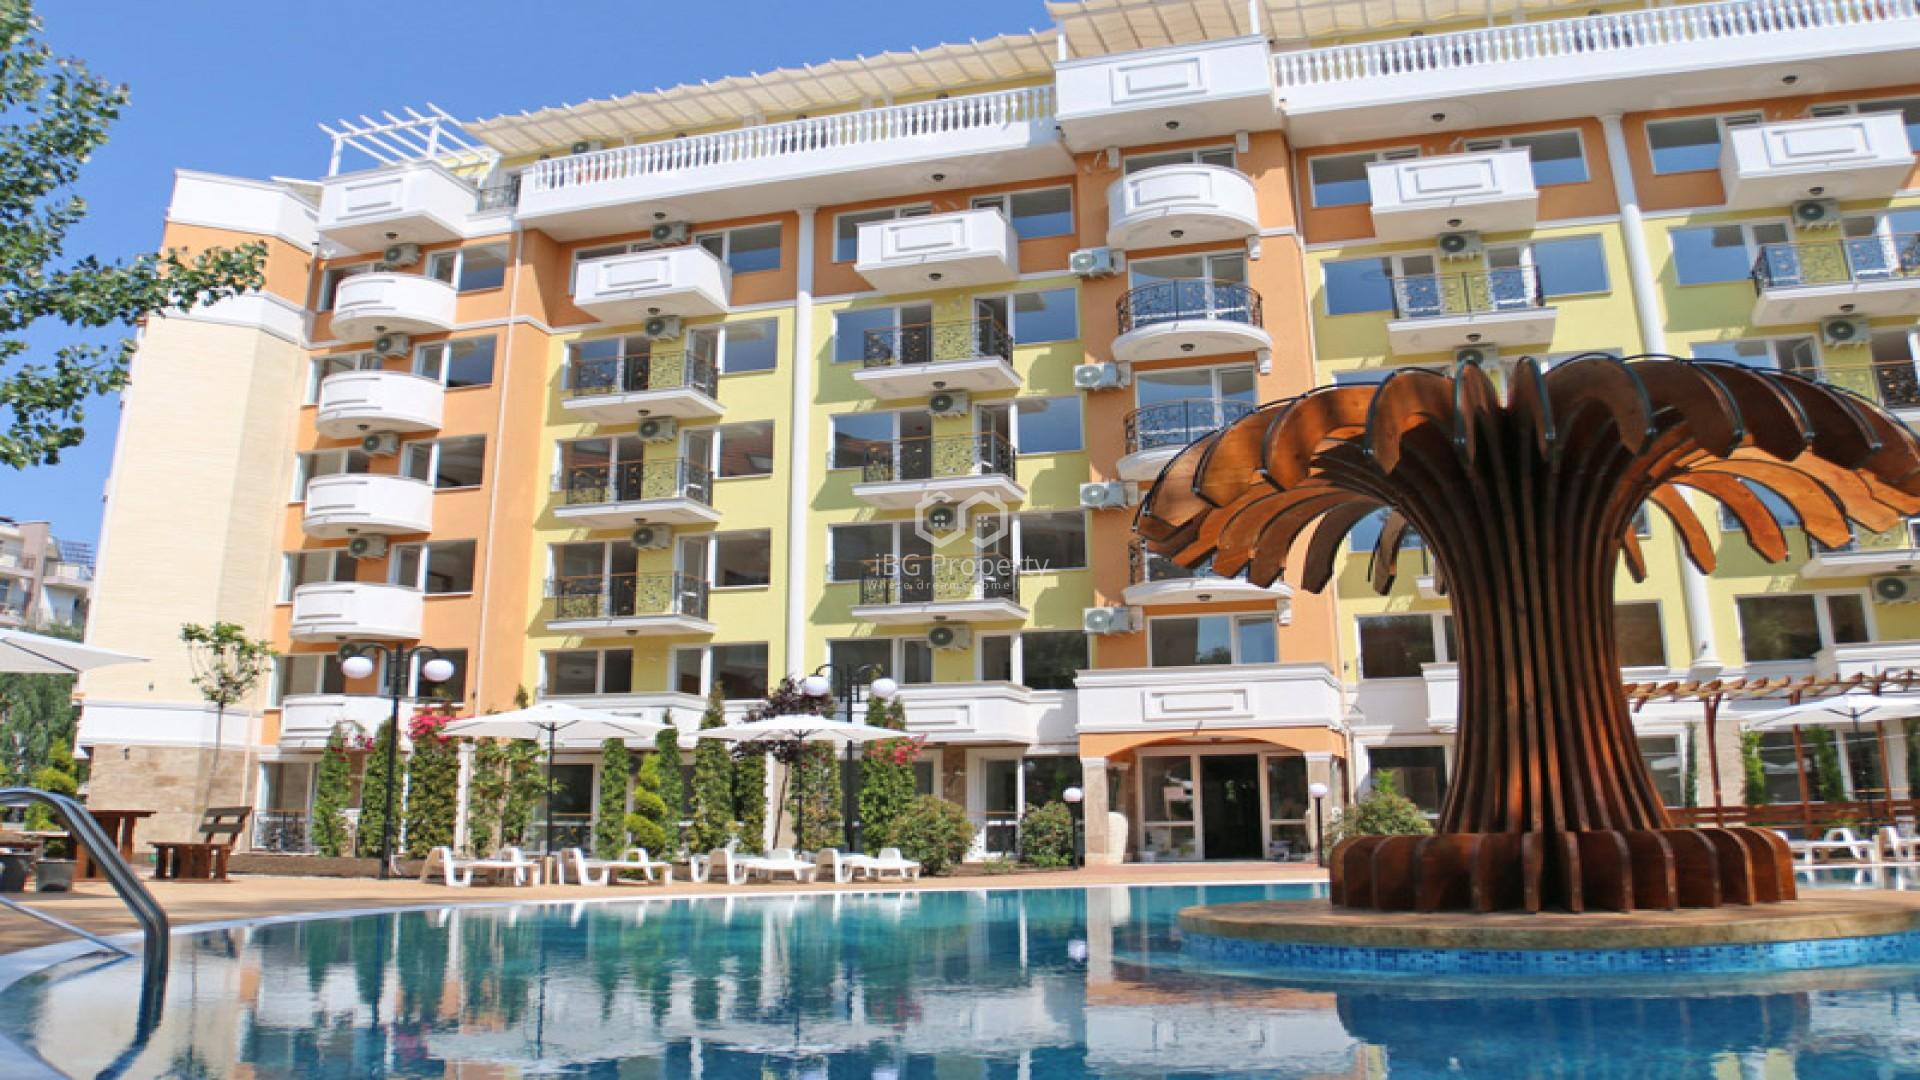 Двустаен апартамент Слънчев Бряг 45 m2